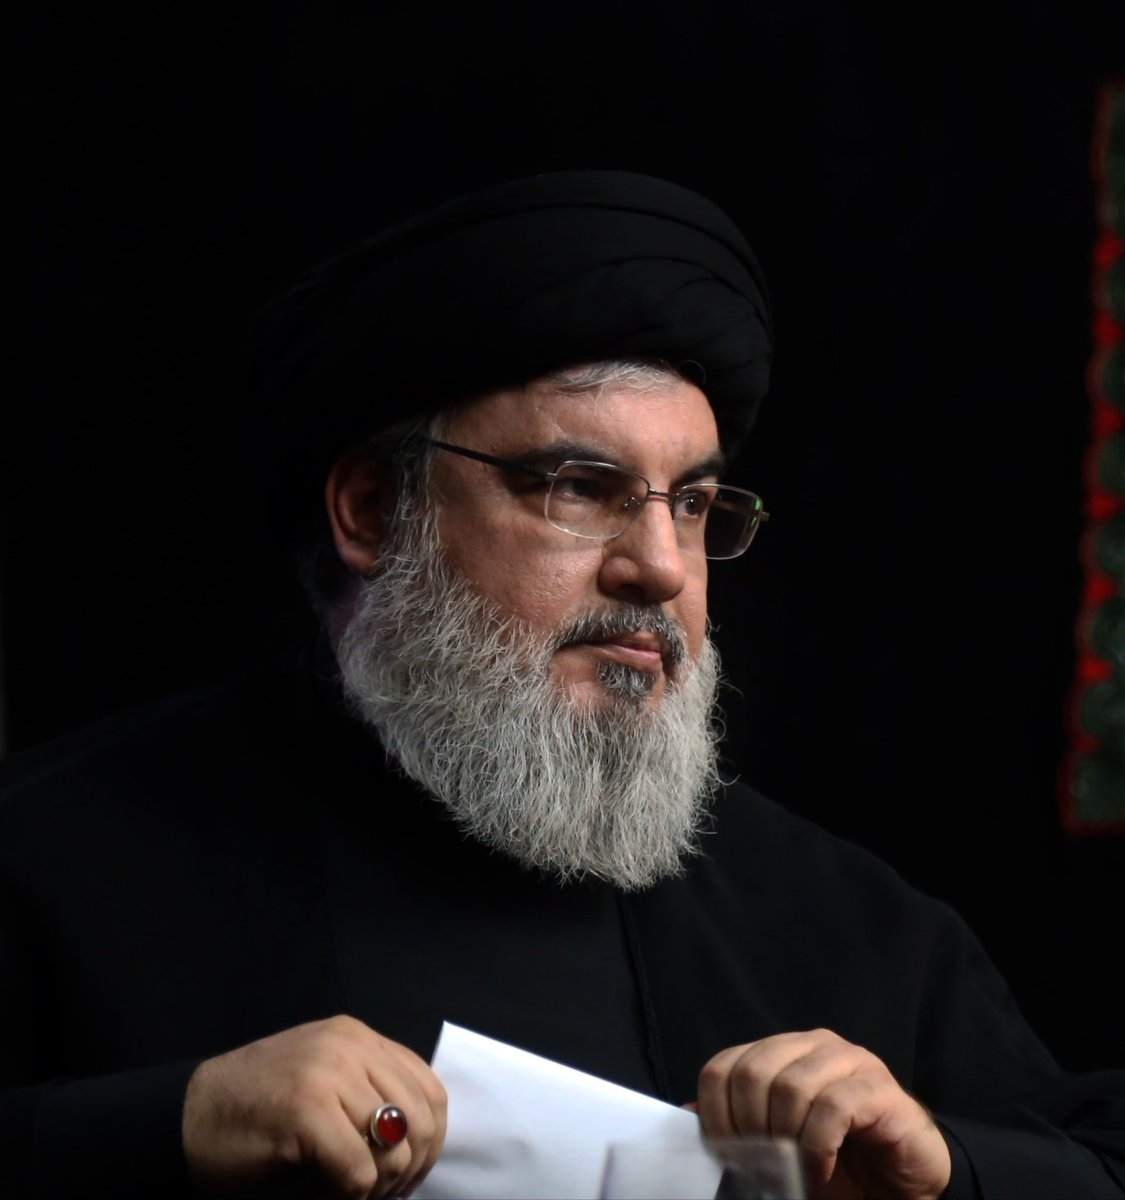 السيّد نصر الله: على الأمّة الإسلاميّة والعربيّة دعم الفلسطينيّين في حماية القدس